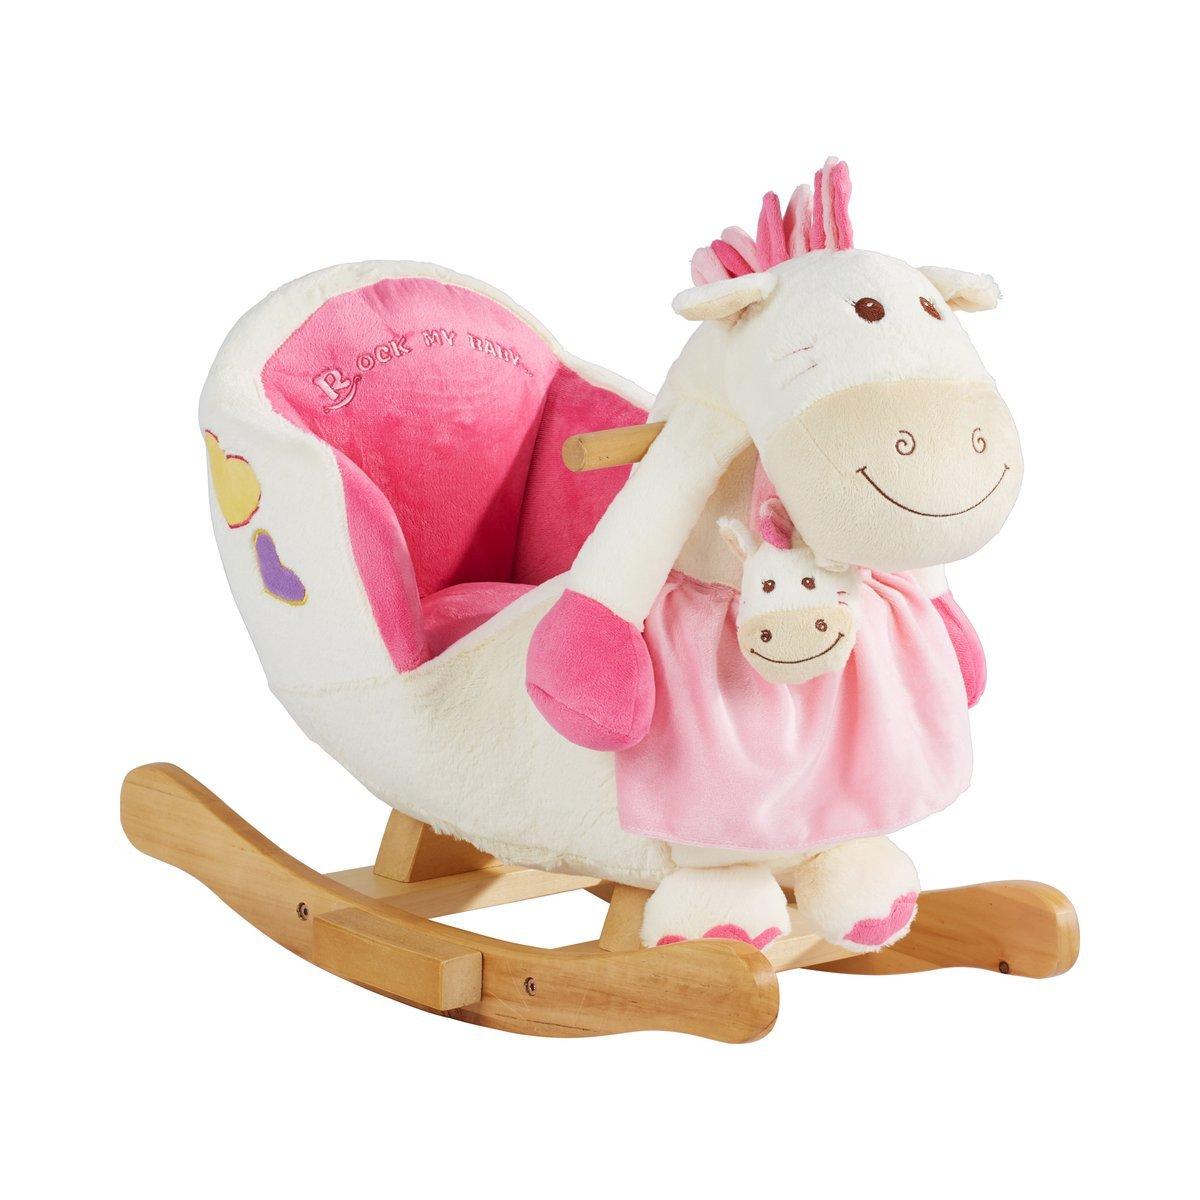 SOLINI Le poney à bascule avec une fonction sonore bébé, rose/blanc